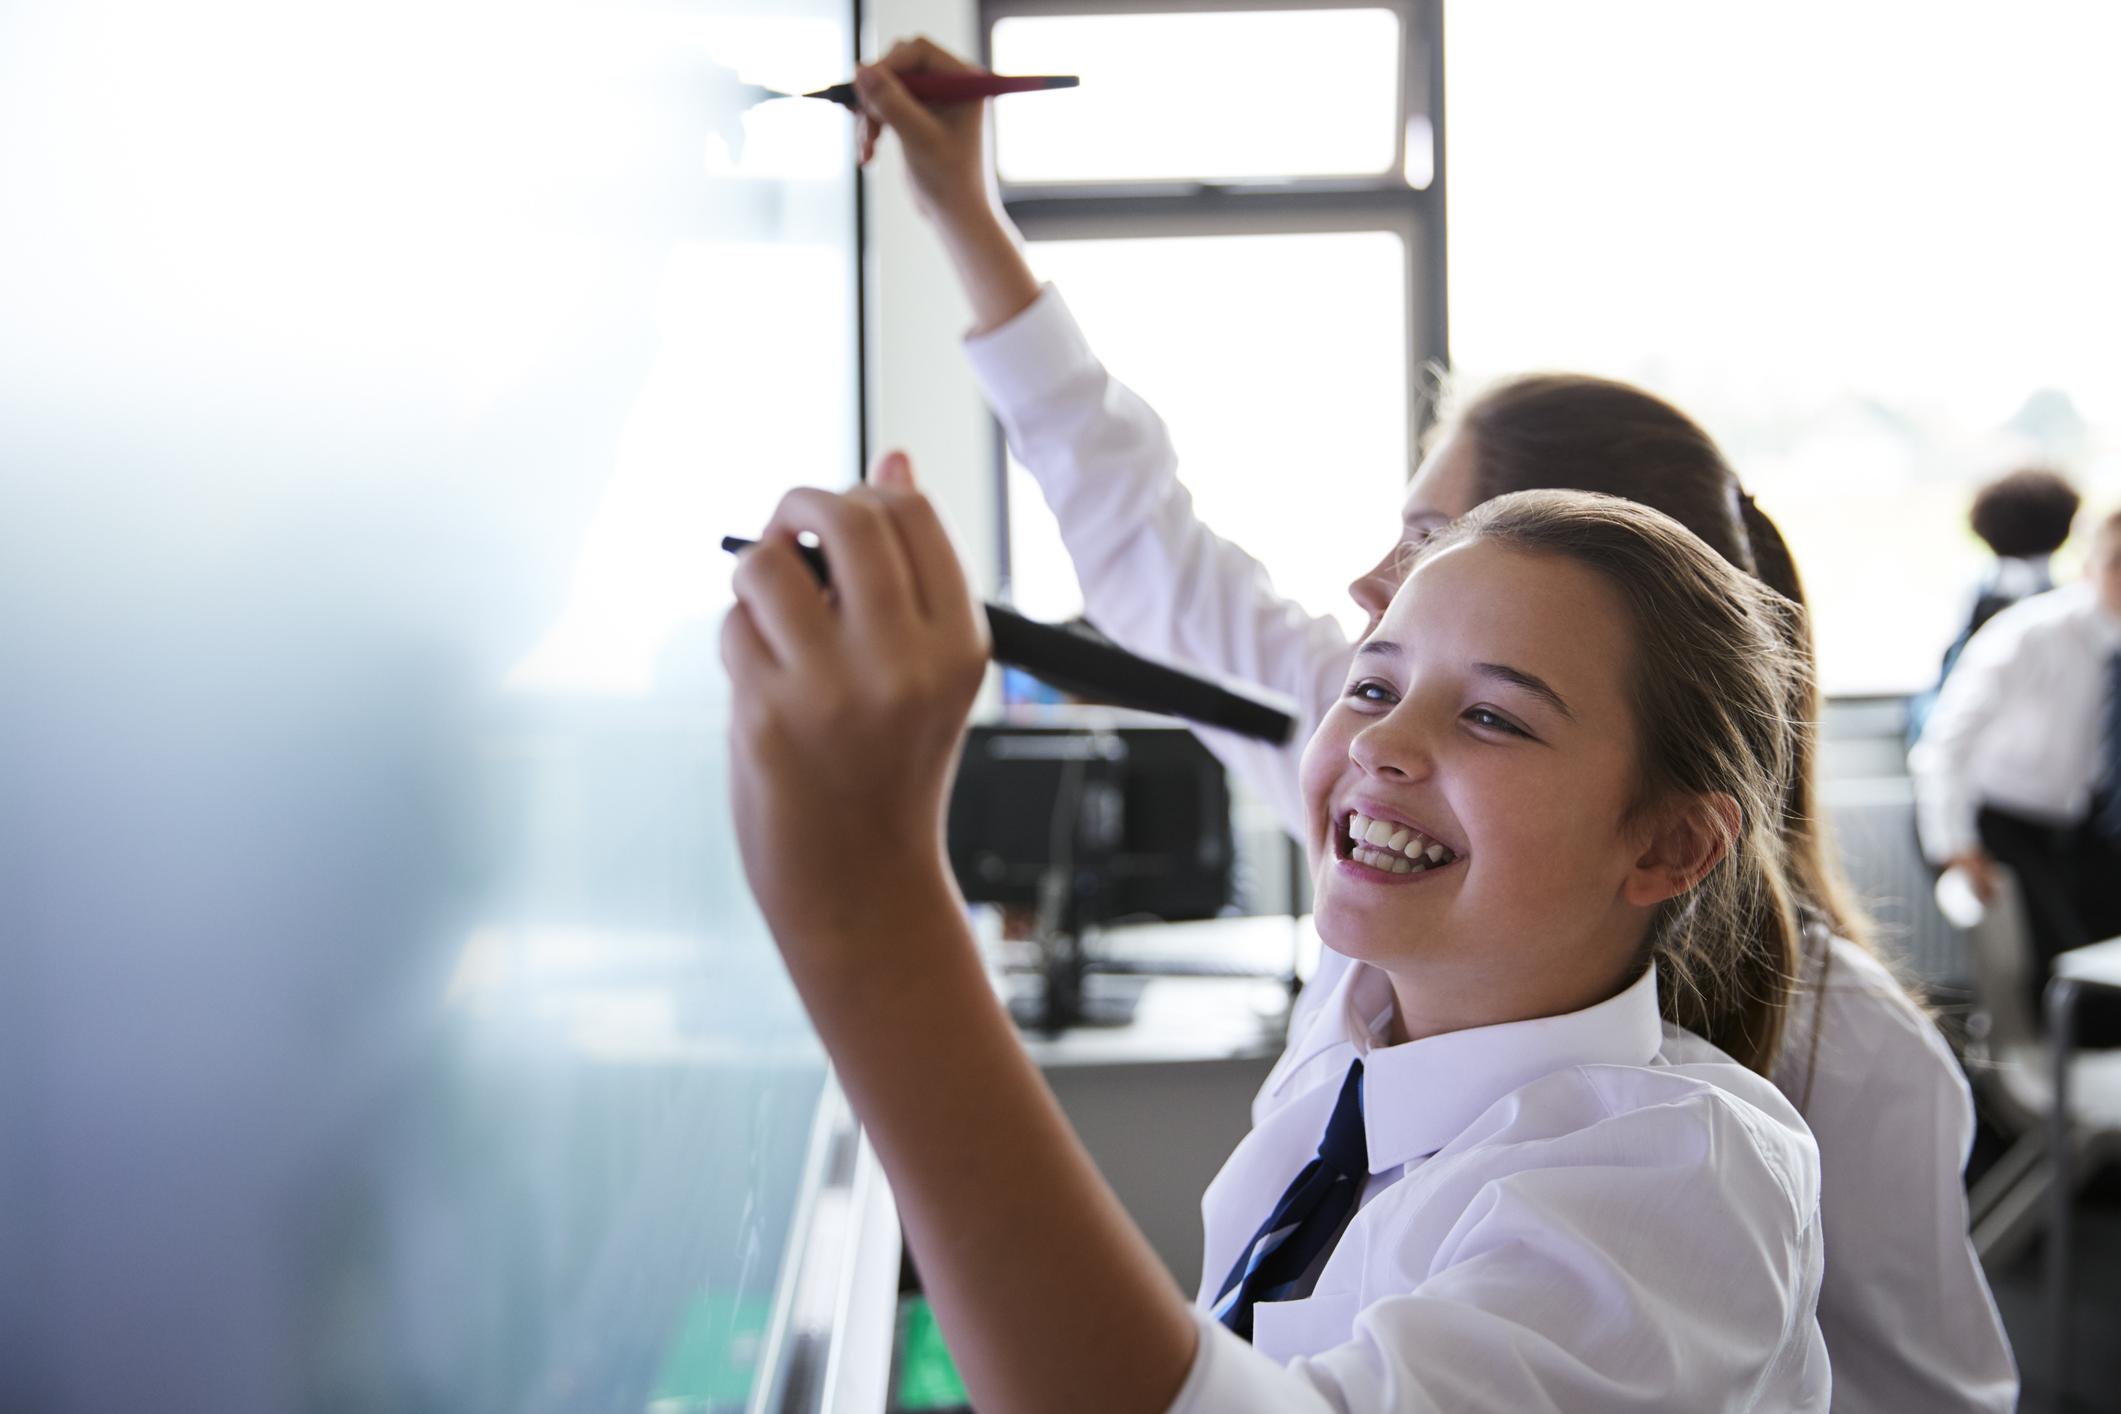 学校の授業や会議室に。タブレットやPCの画面を表示してタッチペンで書き込みも可能。